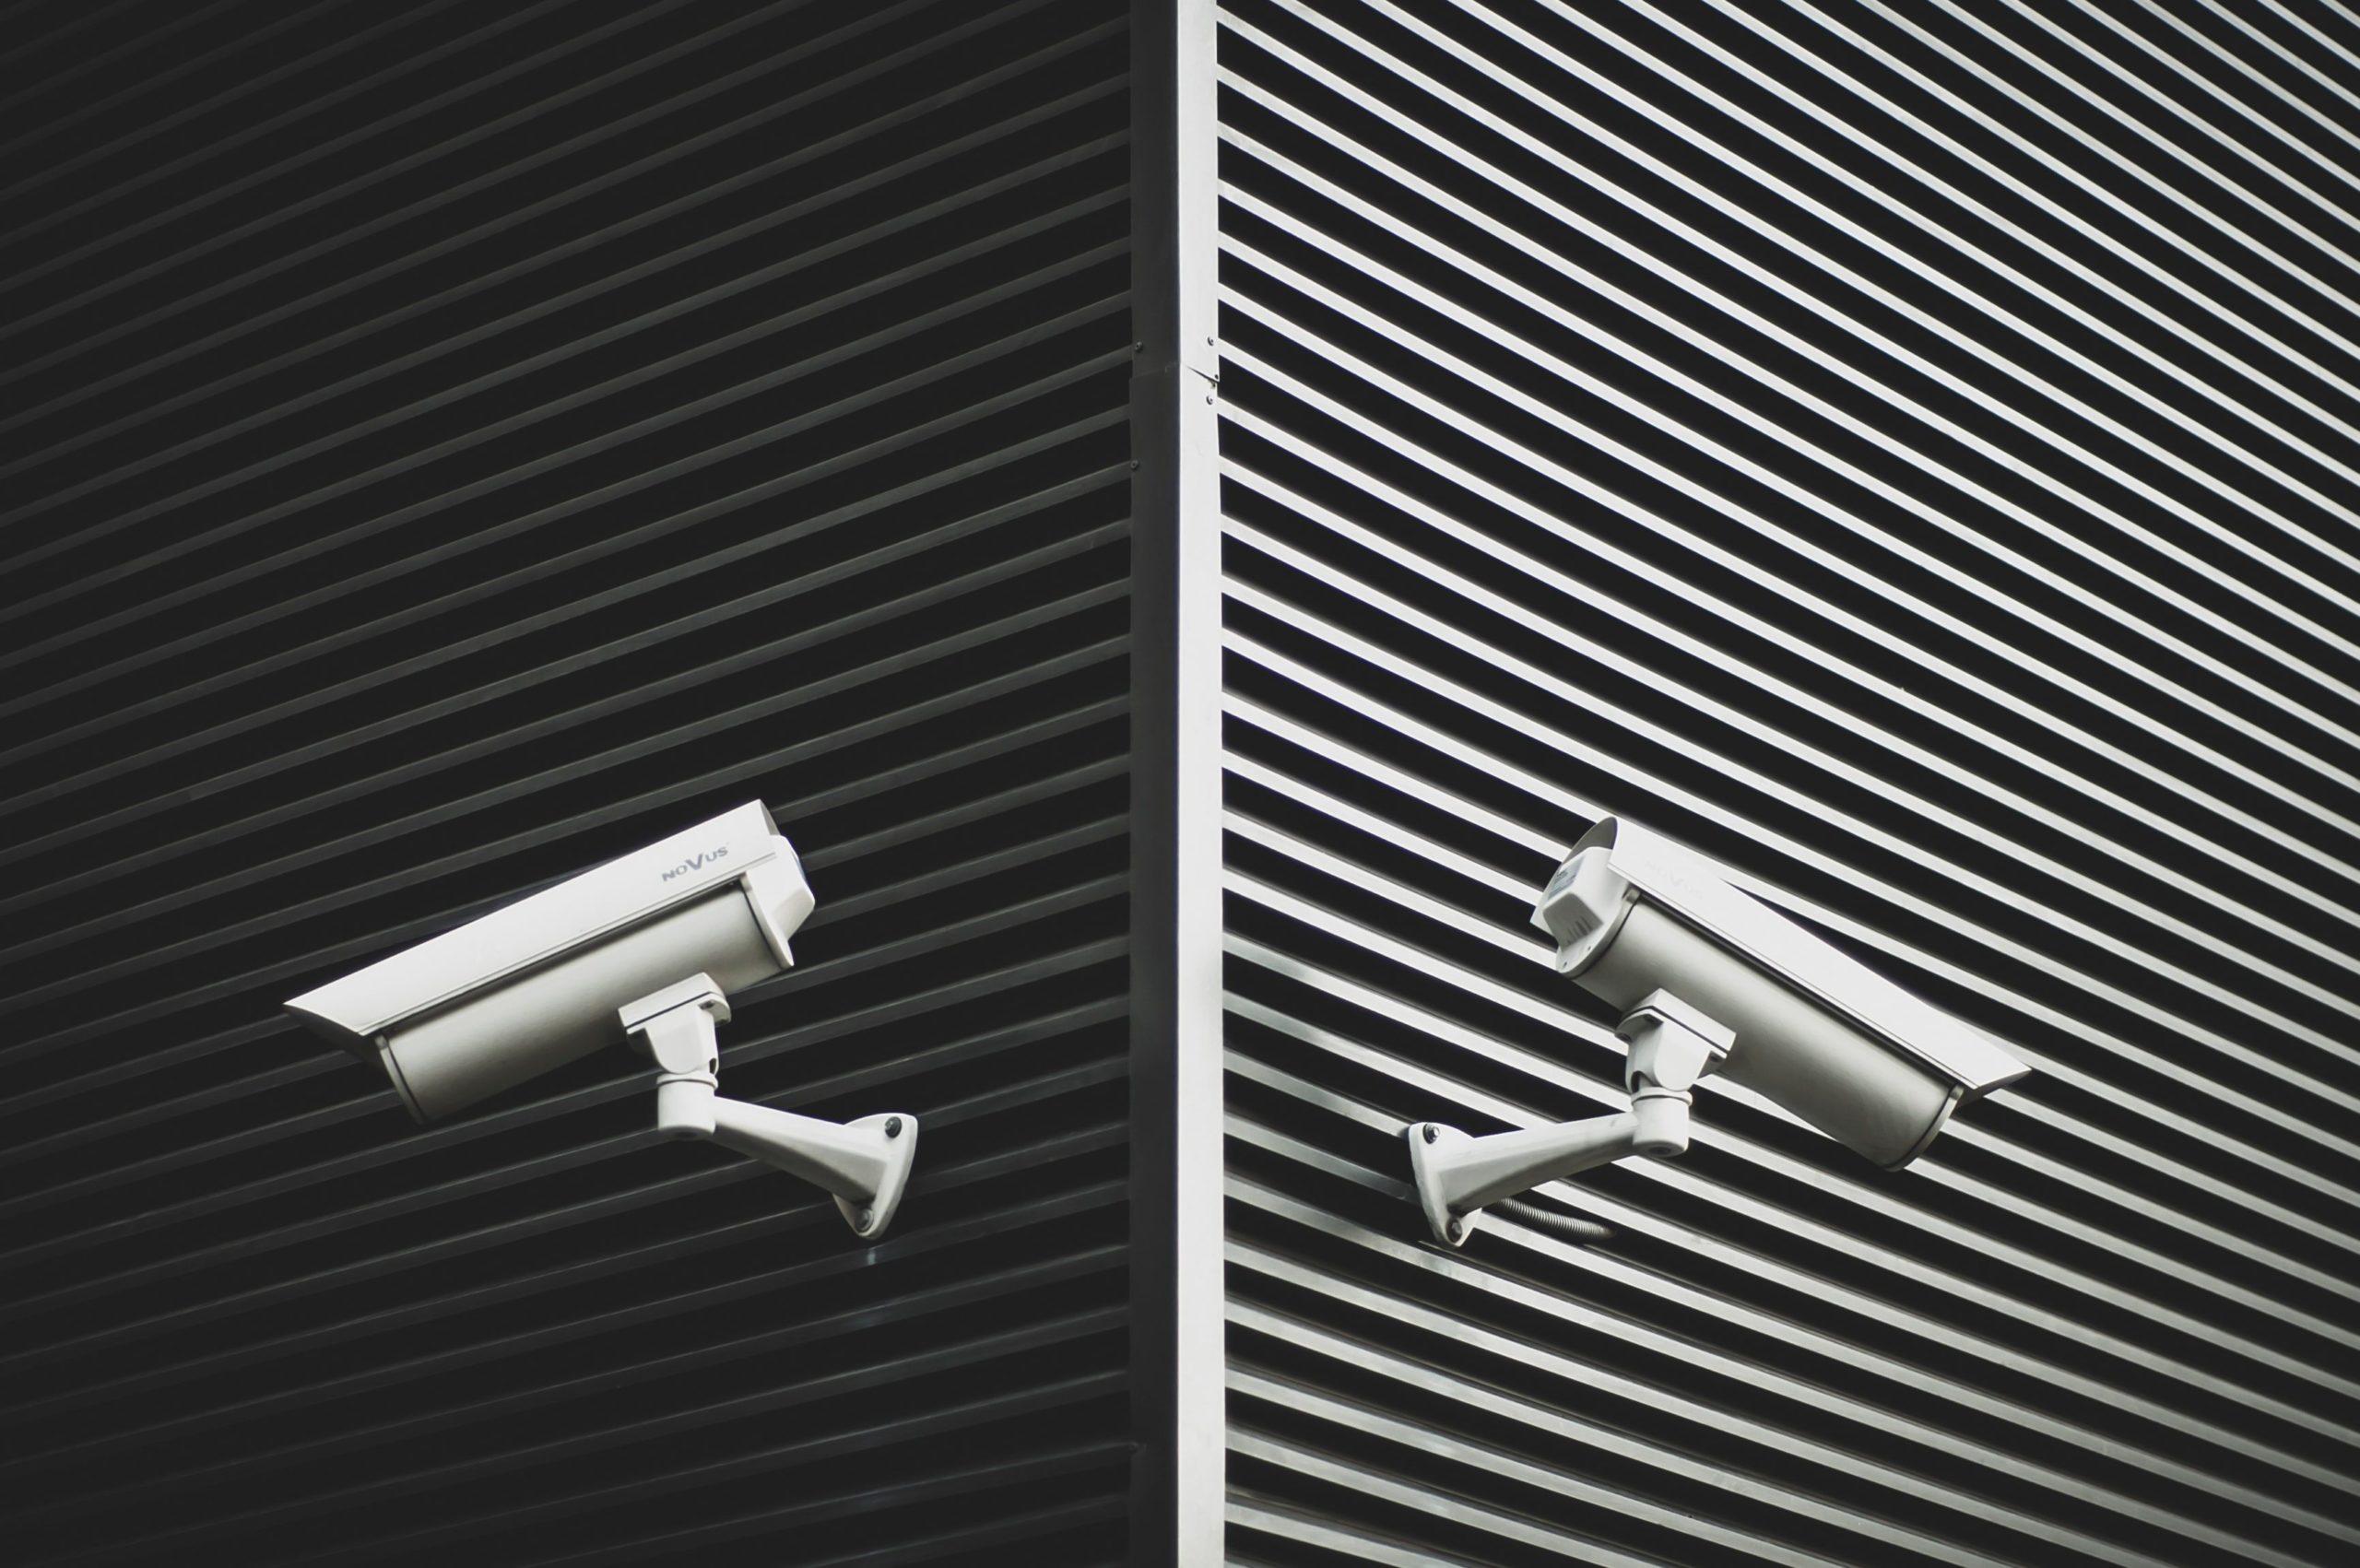 9 de cada 10 españoles se sienten más seguros con seguridad privada según APROSER